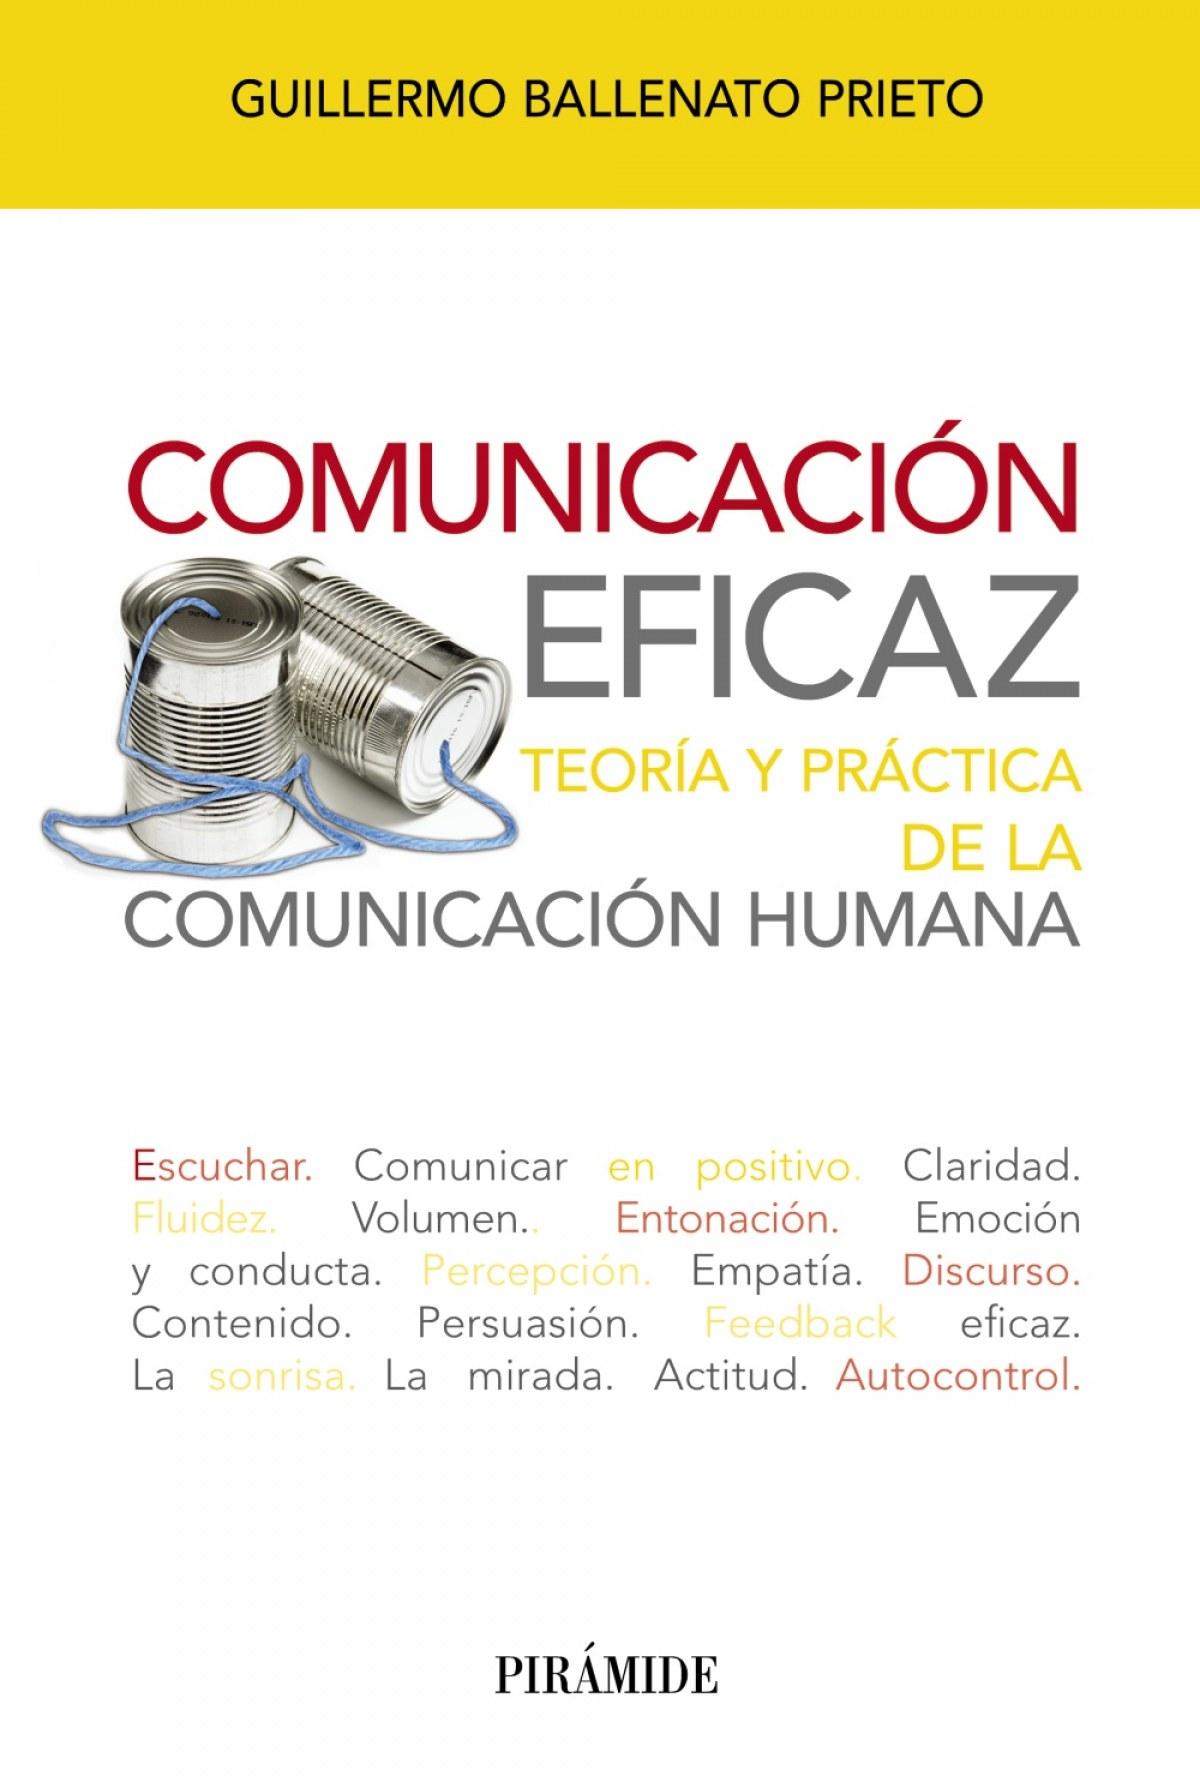 Comunicación eficaz 9788436827545